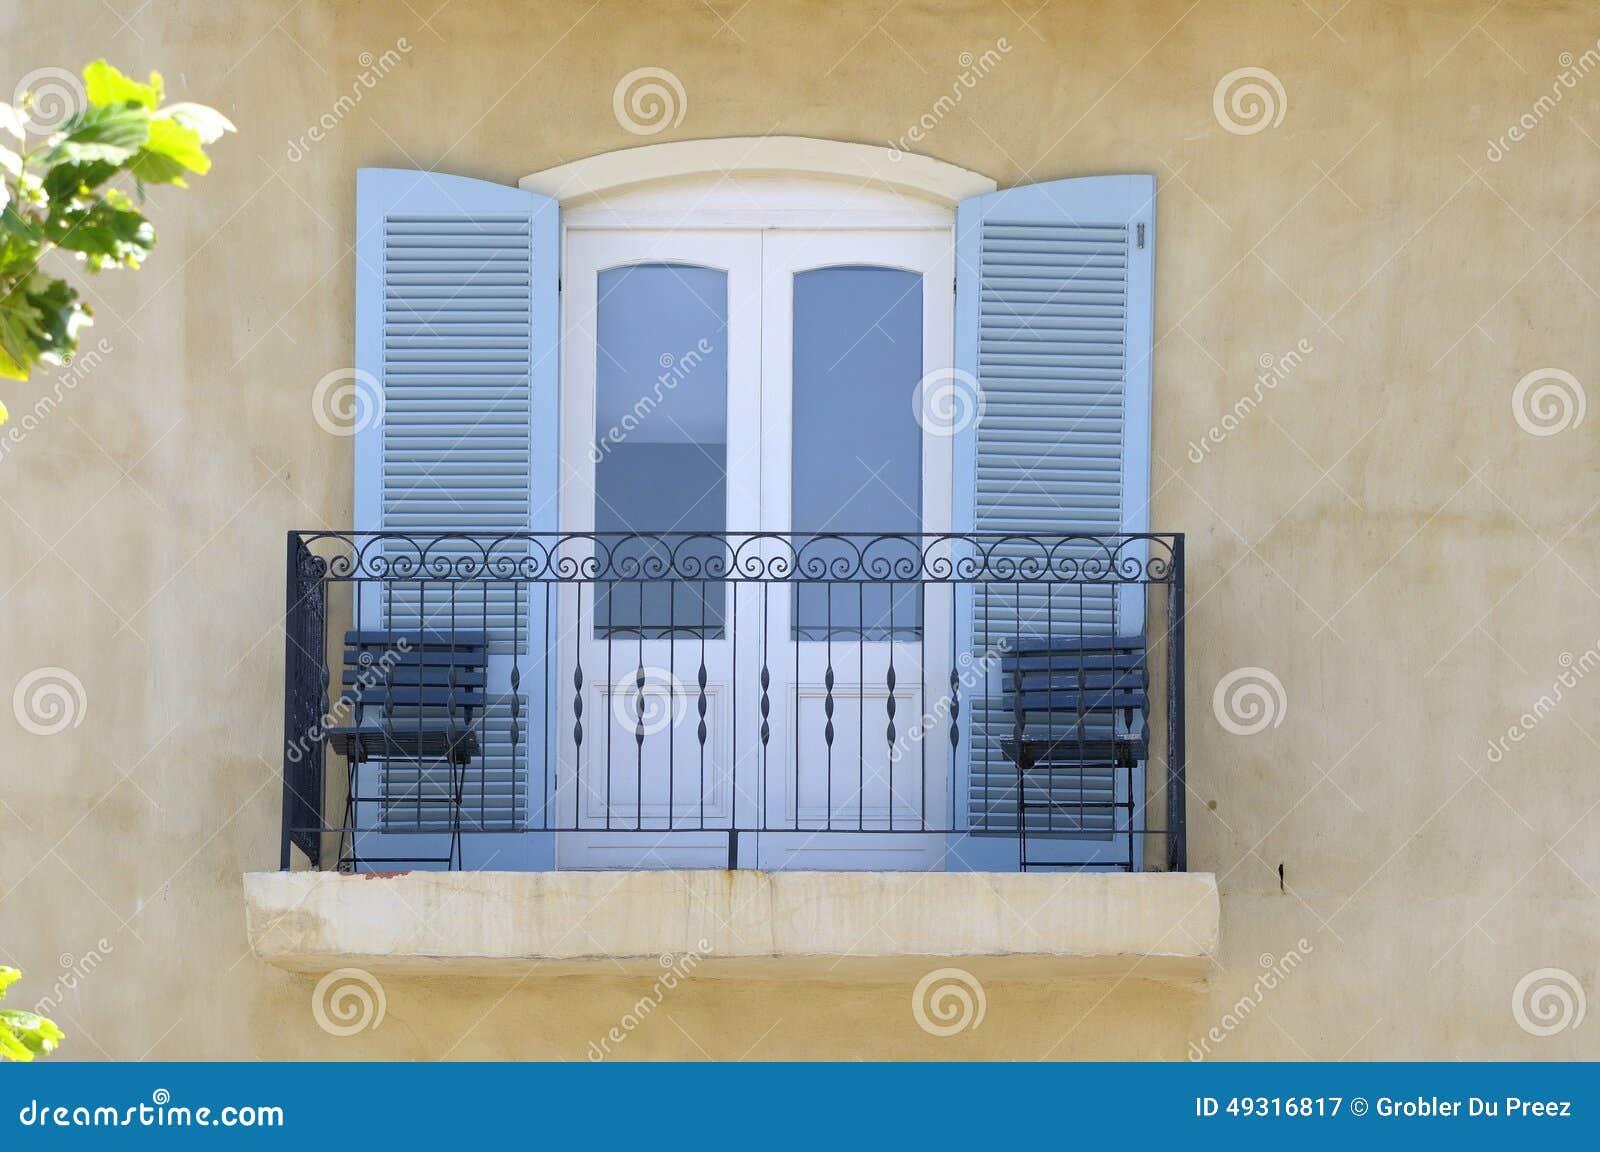 Auvent Balcon dedans balcon avec des portes de balustrade et d'auvent image stock